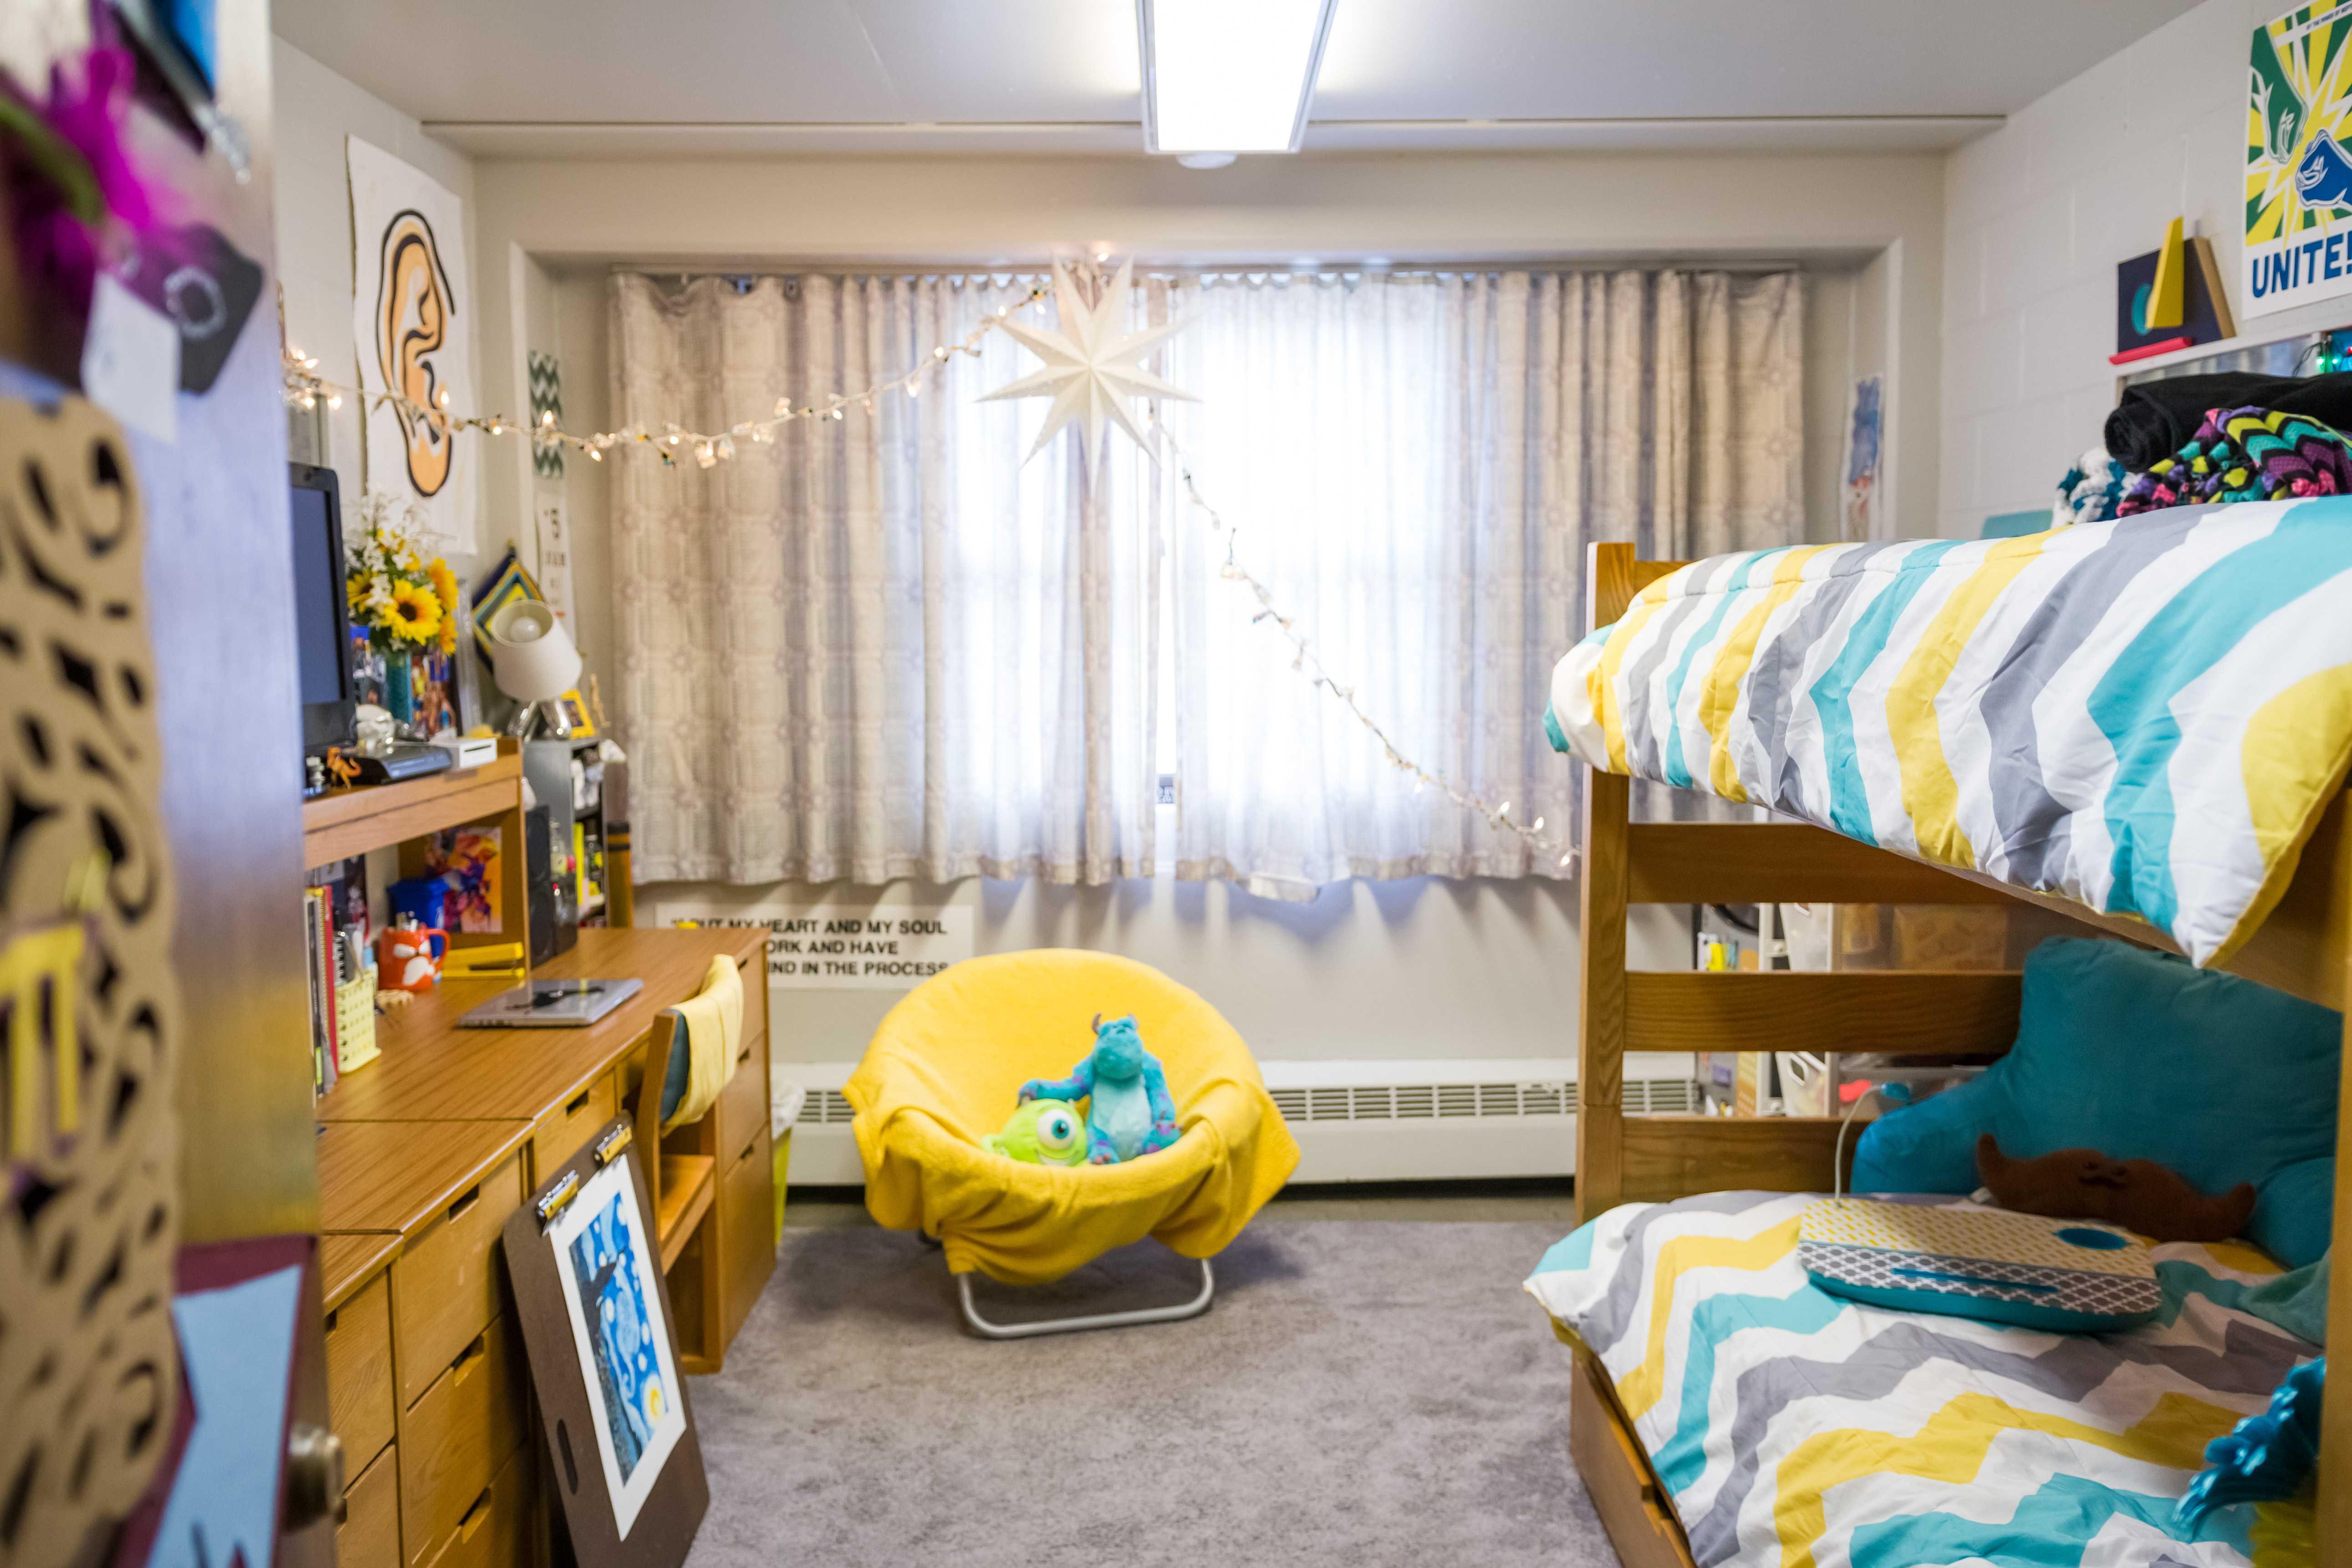 An organized dorm room in VanDoren Hall.